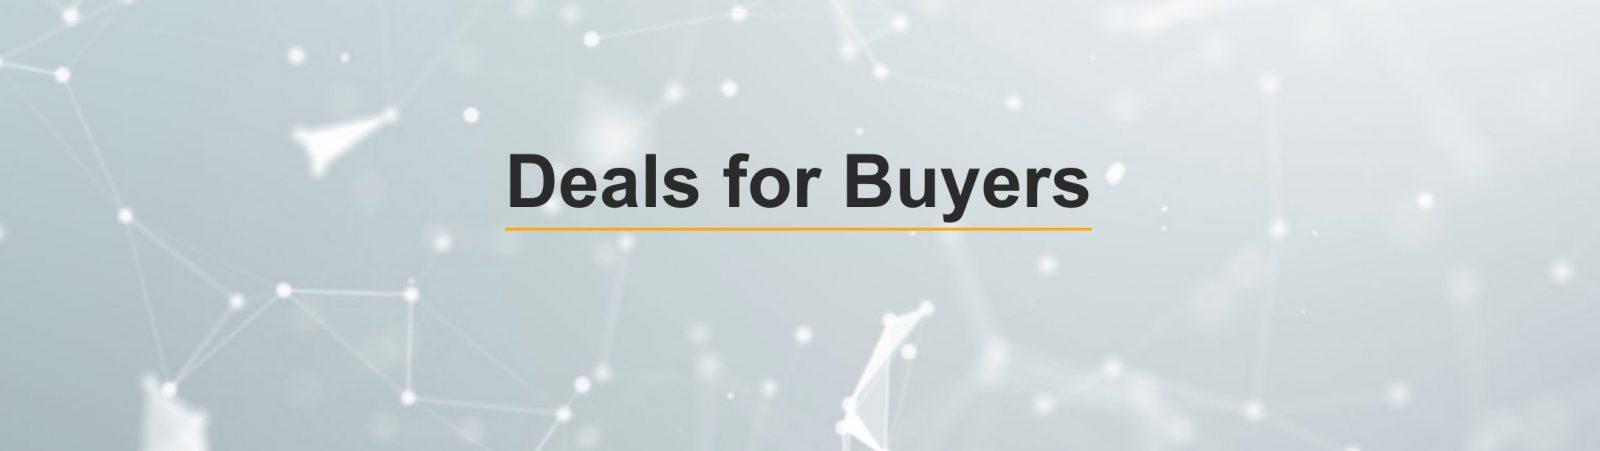 Yieldmo Deals